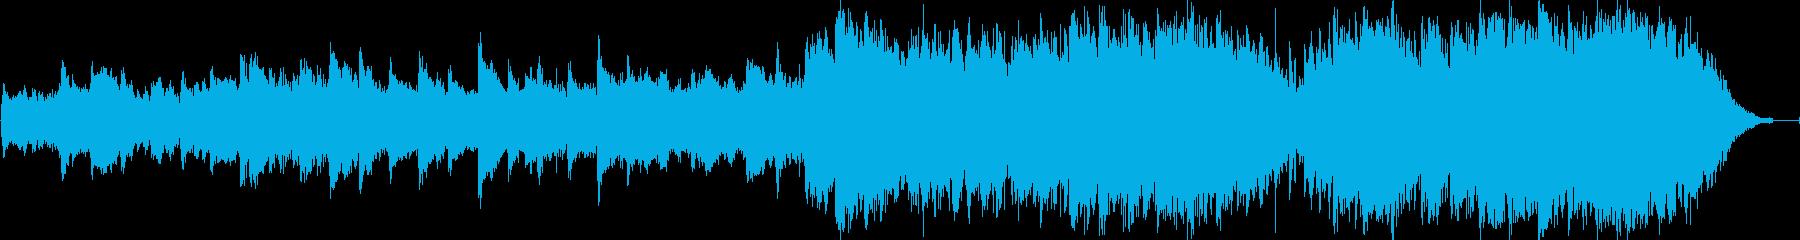 ピアノの不協和音が不安から再生までを演出の再生済みの波形